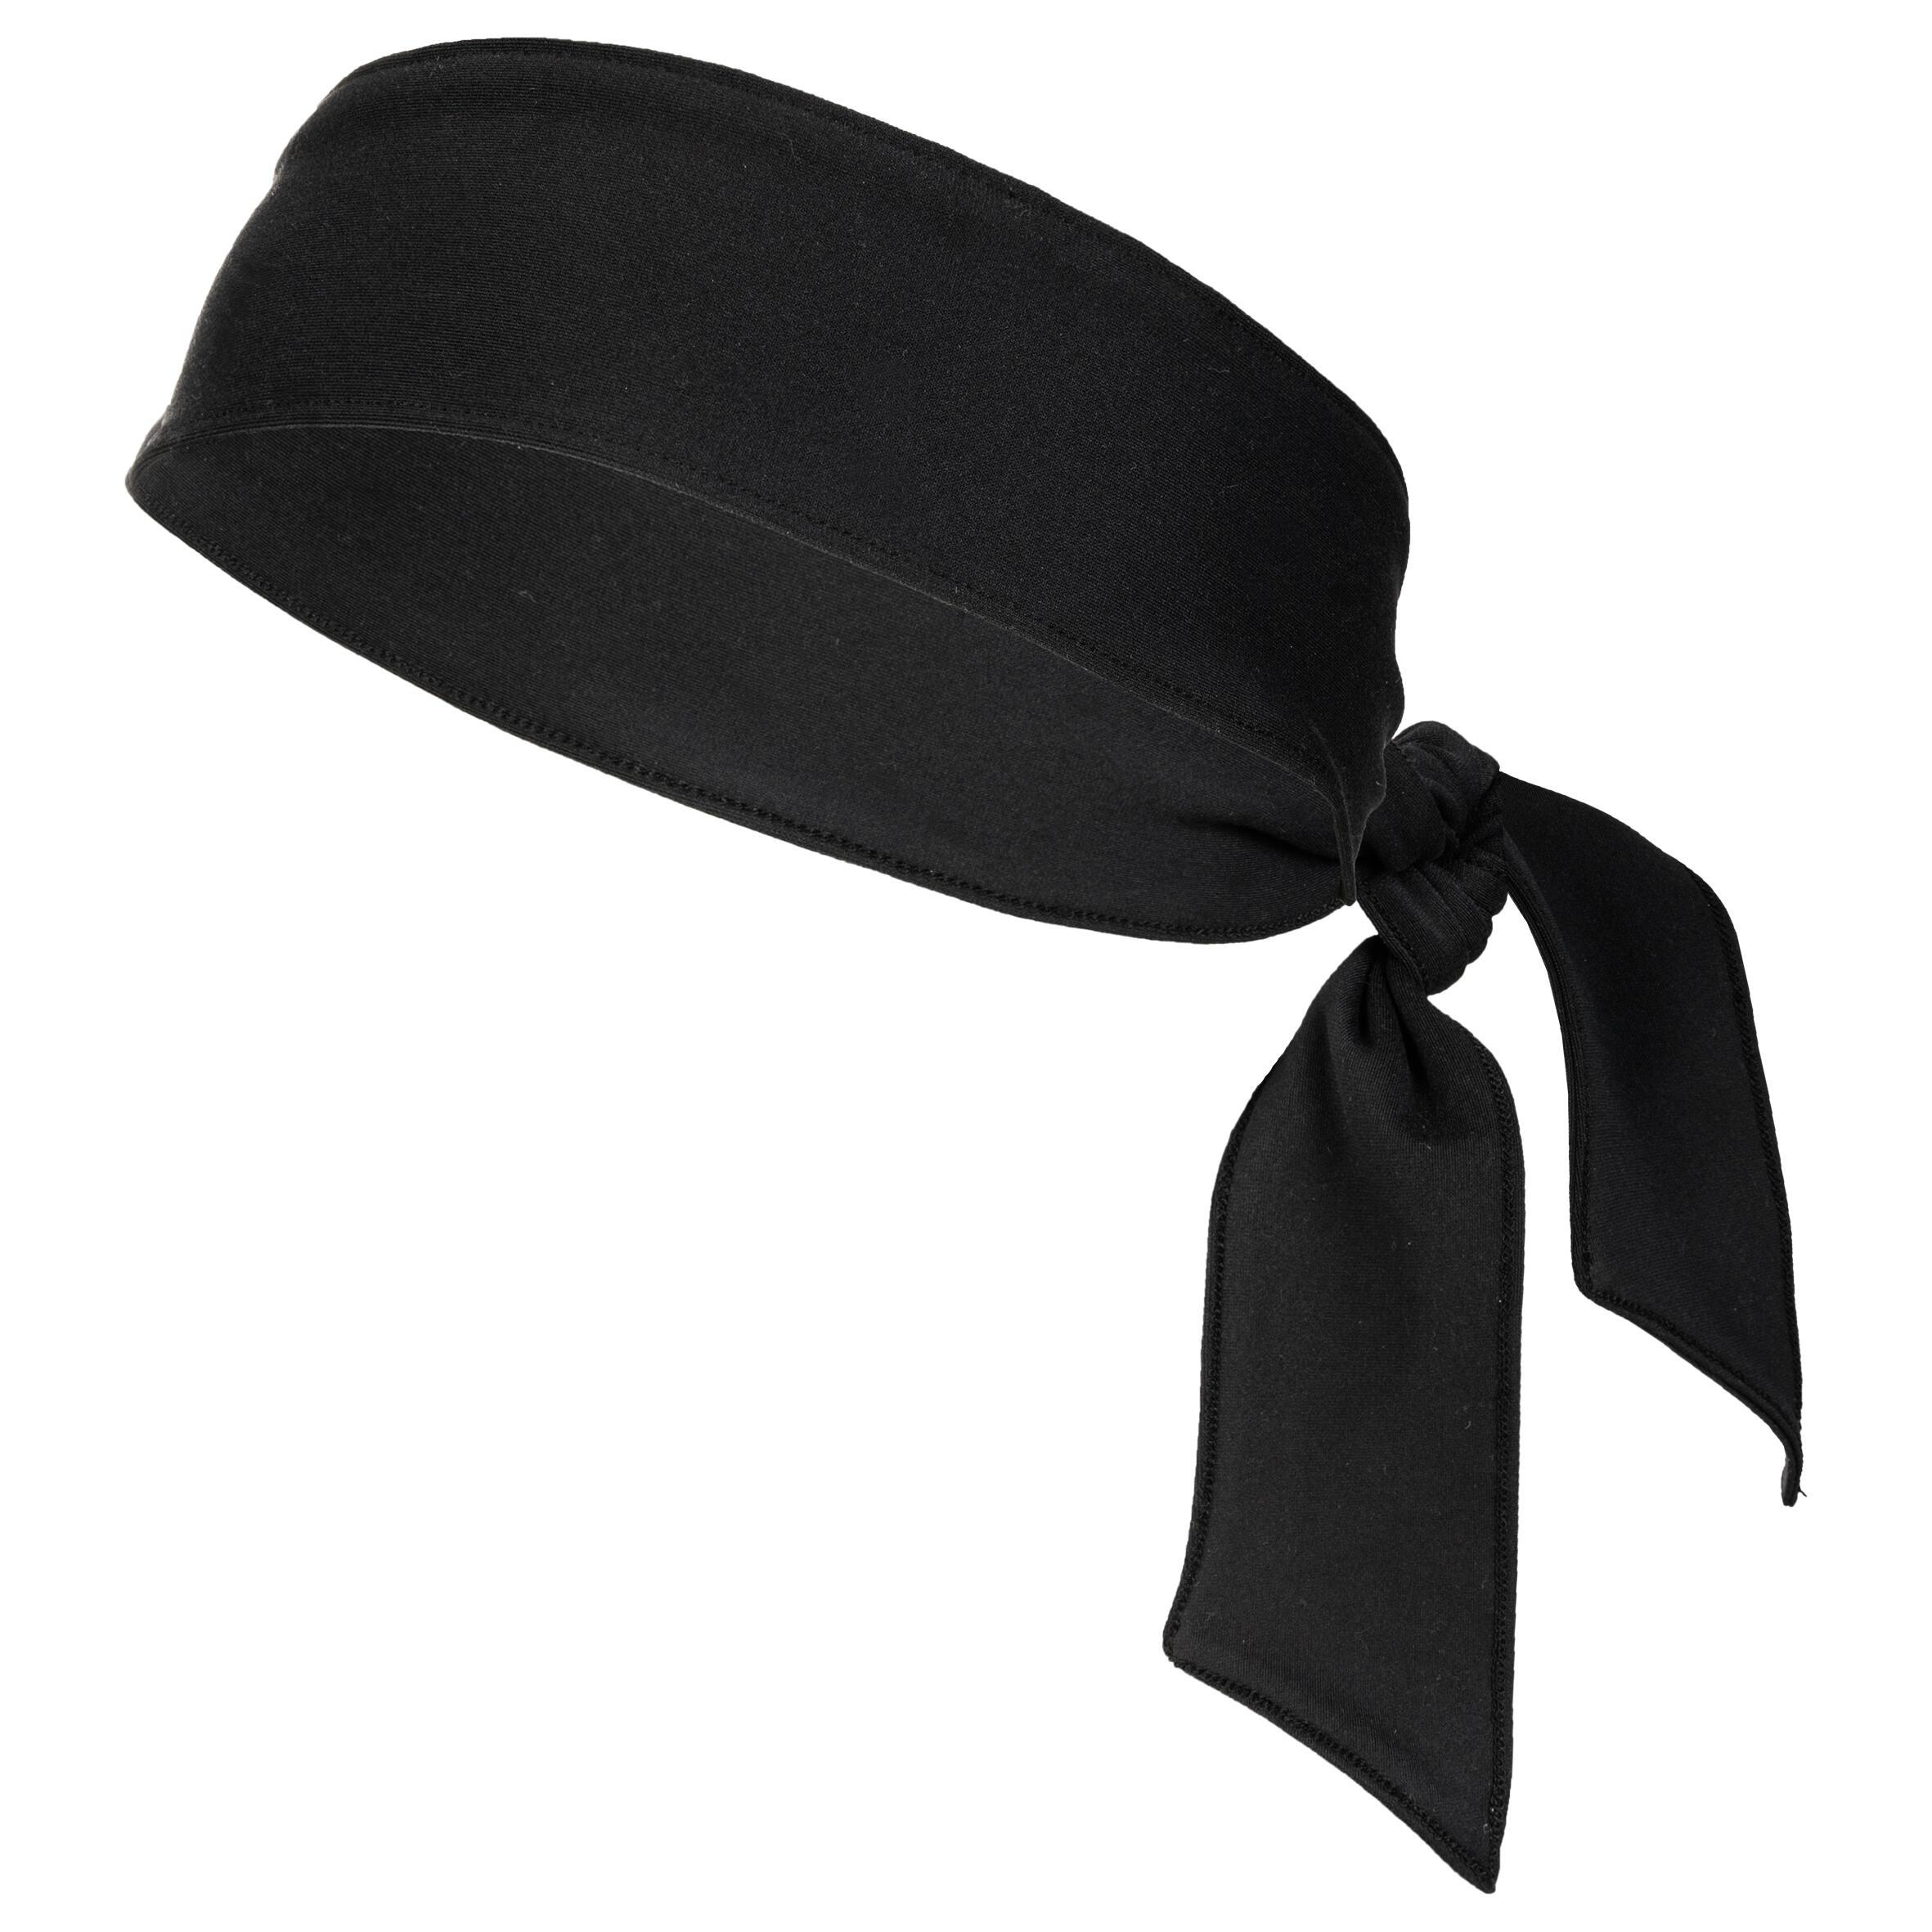 Bandană Tenis Negru imagine